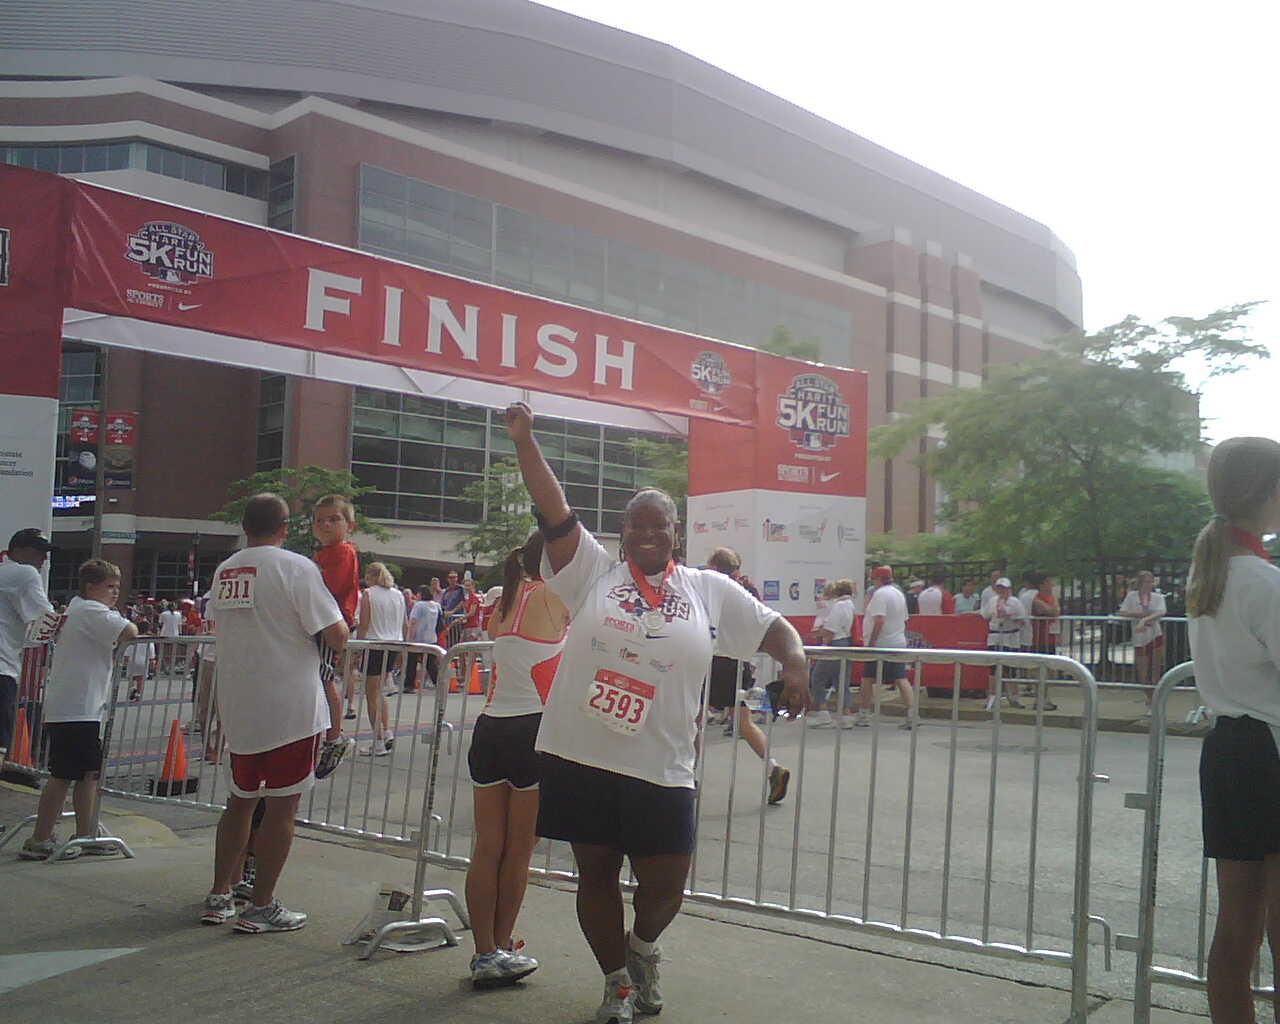 A Fierce Finish Line Pic